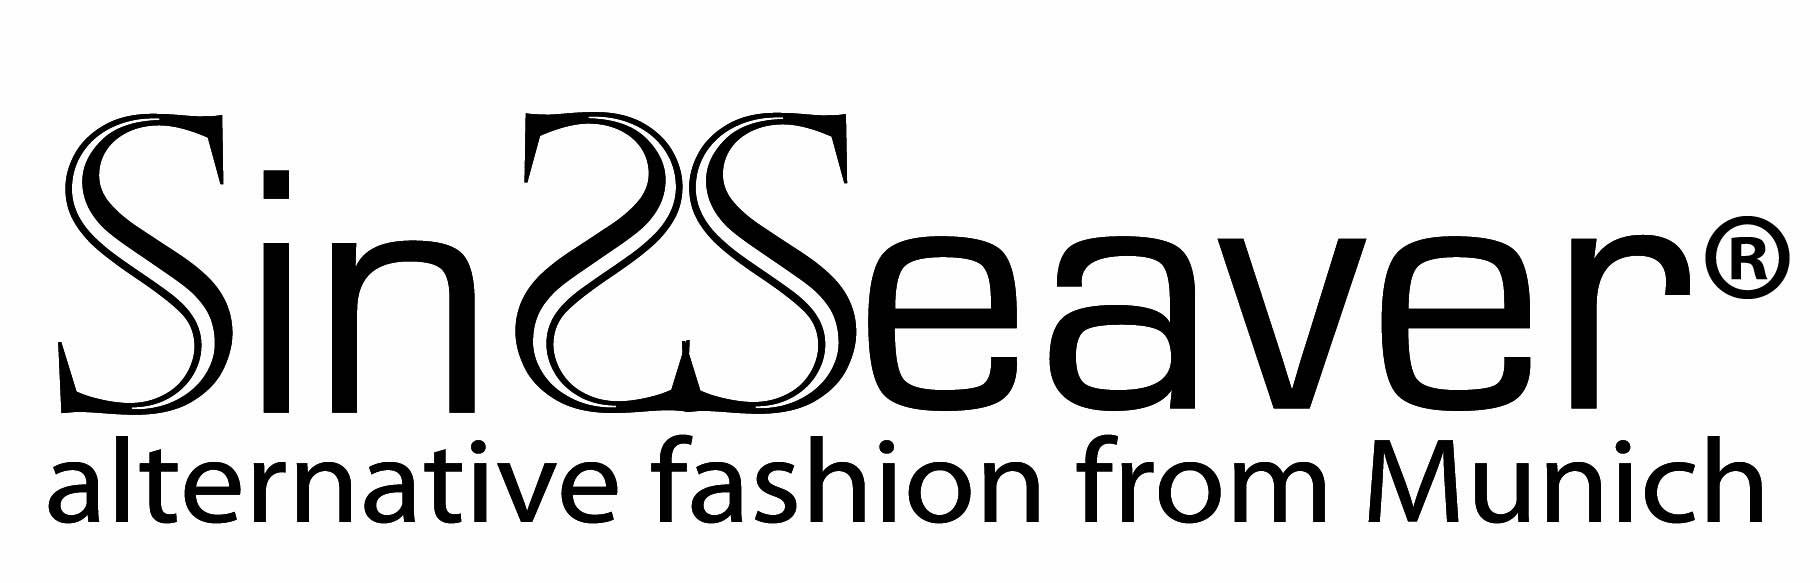 kleider finden - alternative designer kleider aus münchen